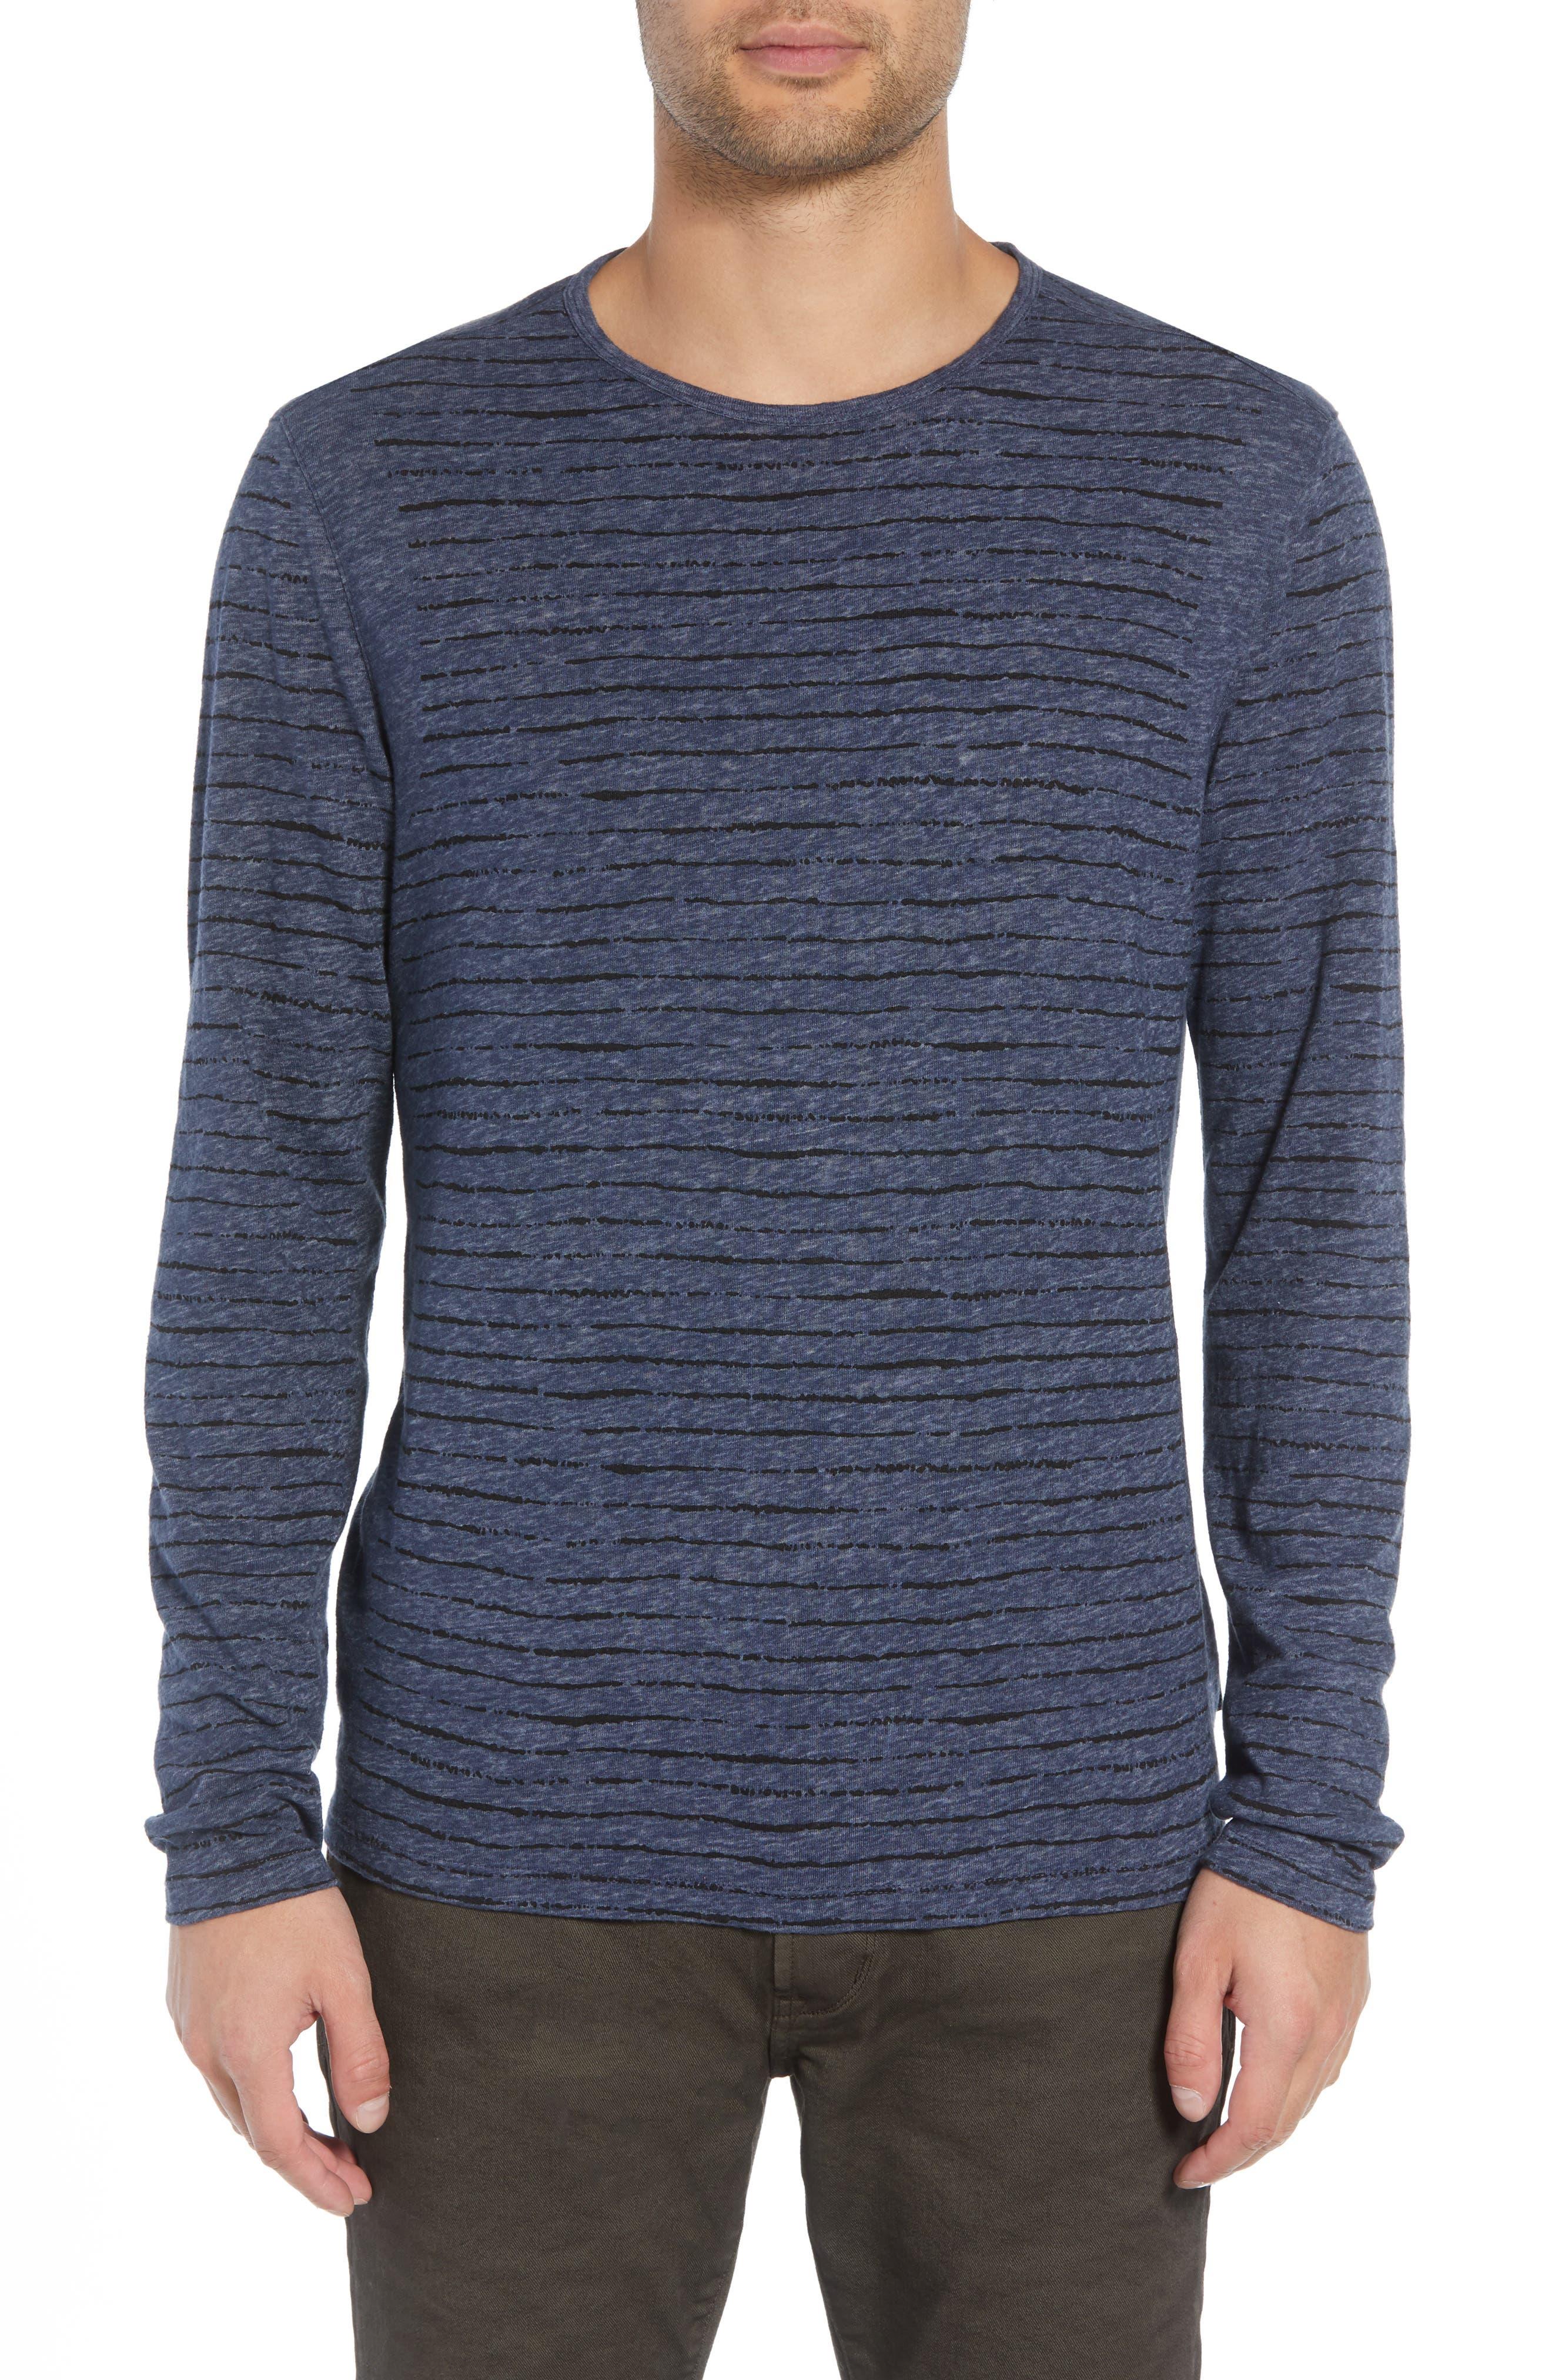 Regular Fit Crewneck Shirt,                         Main,                         color, MIDNIGHT